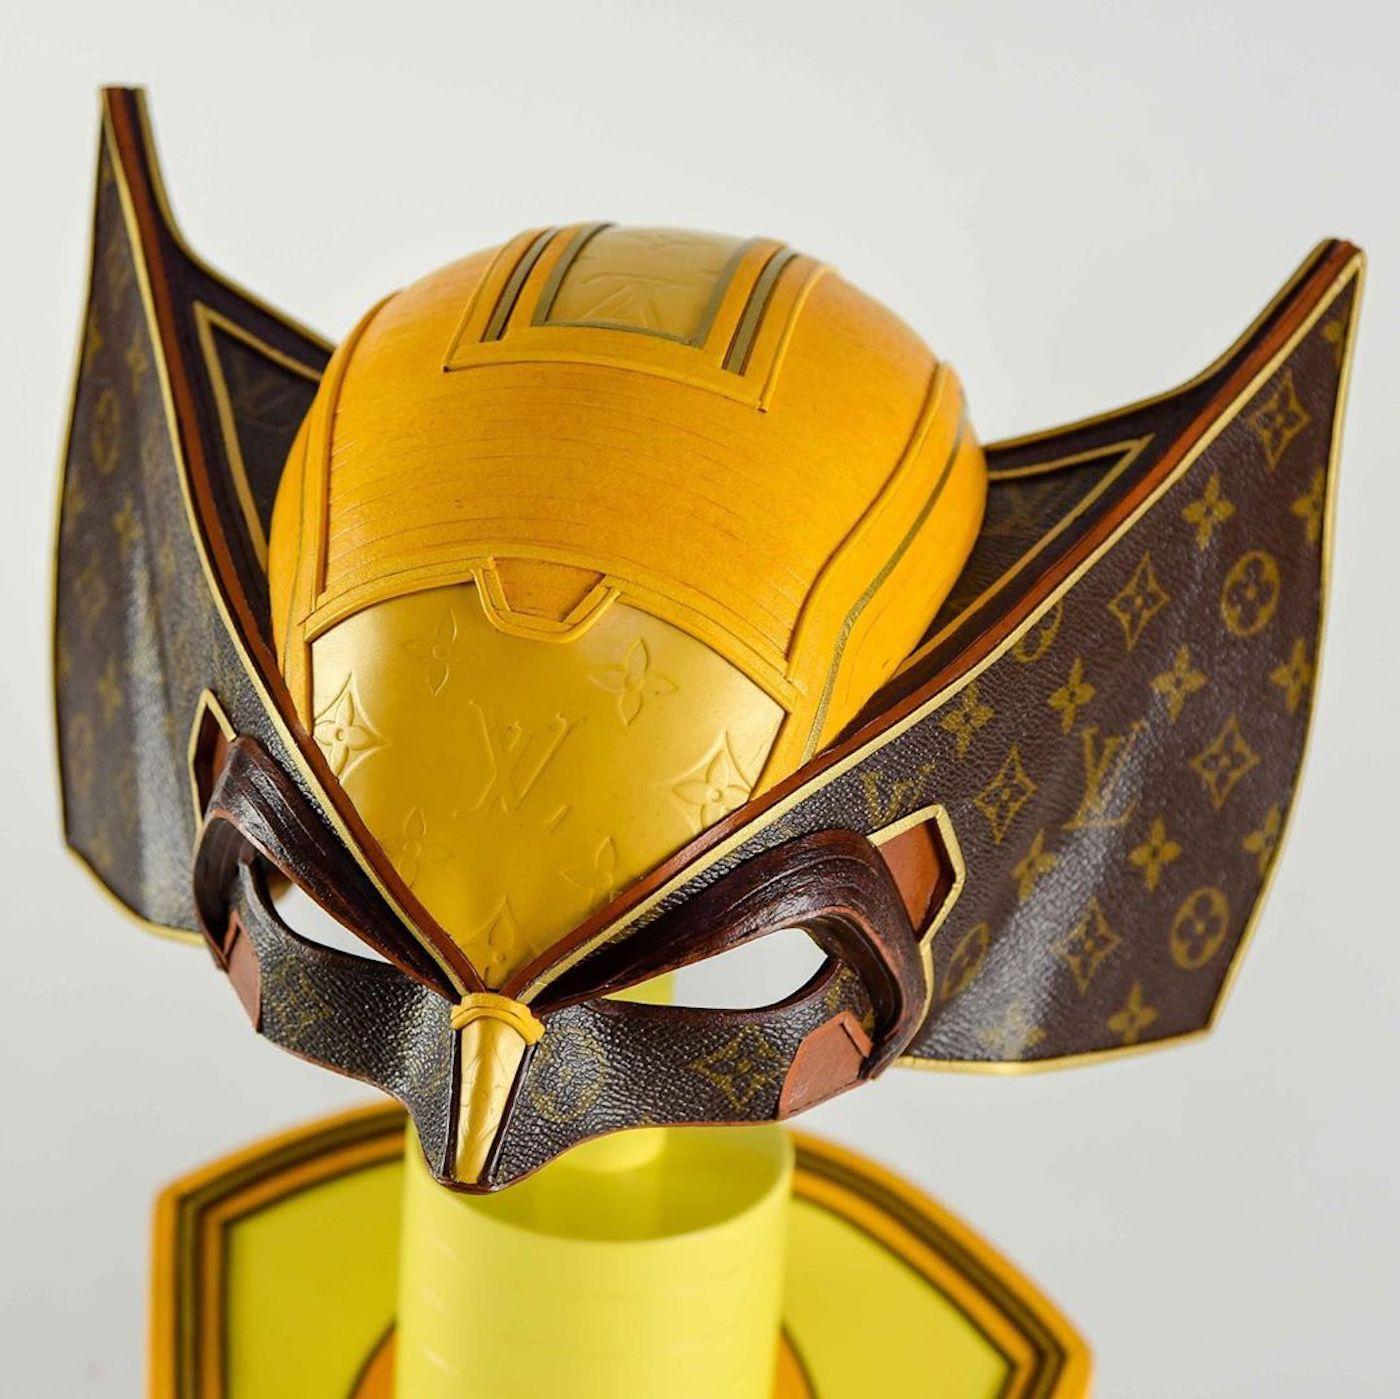 L'artiste Gabriel Dishaw recycle les sacs Vuitton en masques célèbres